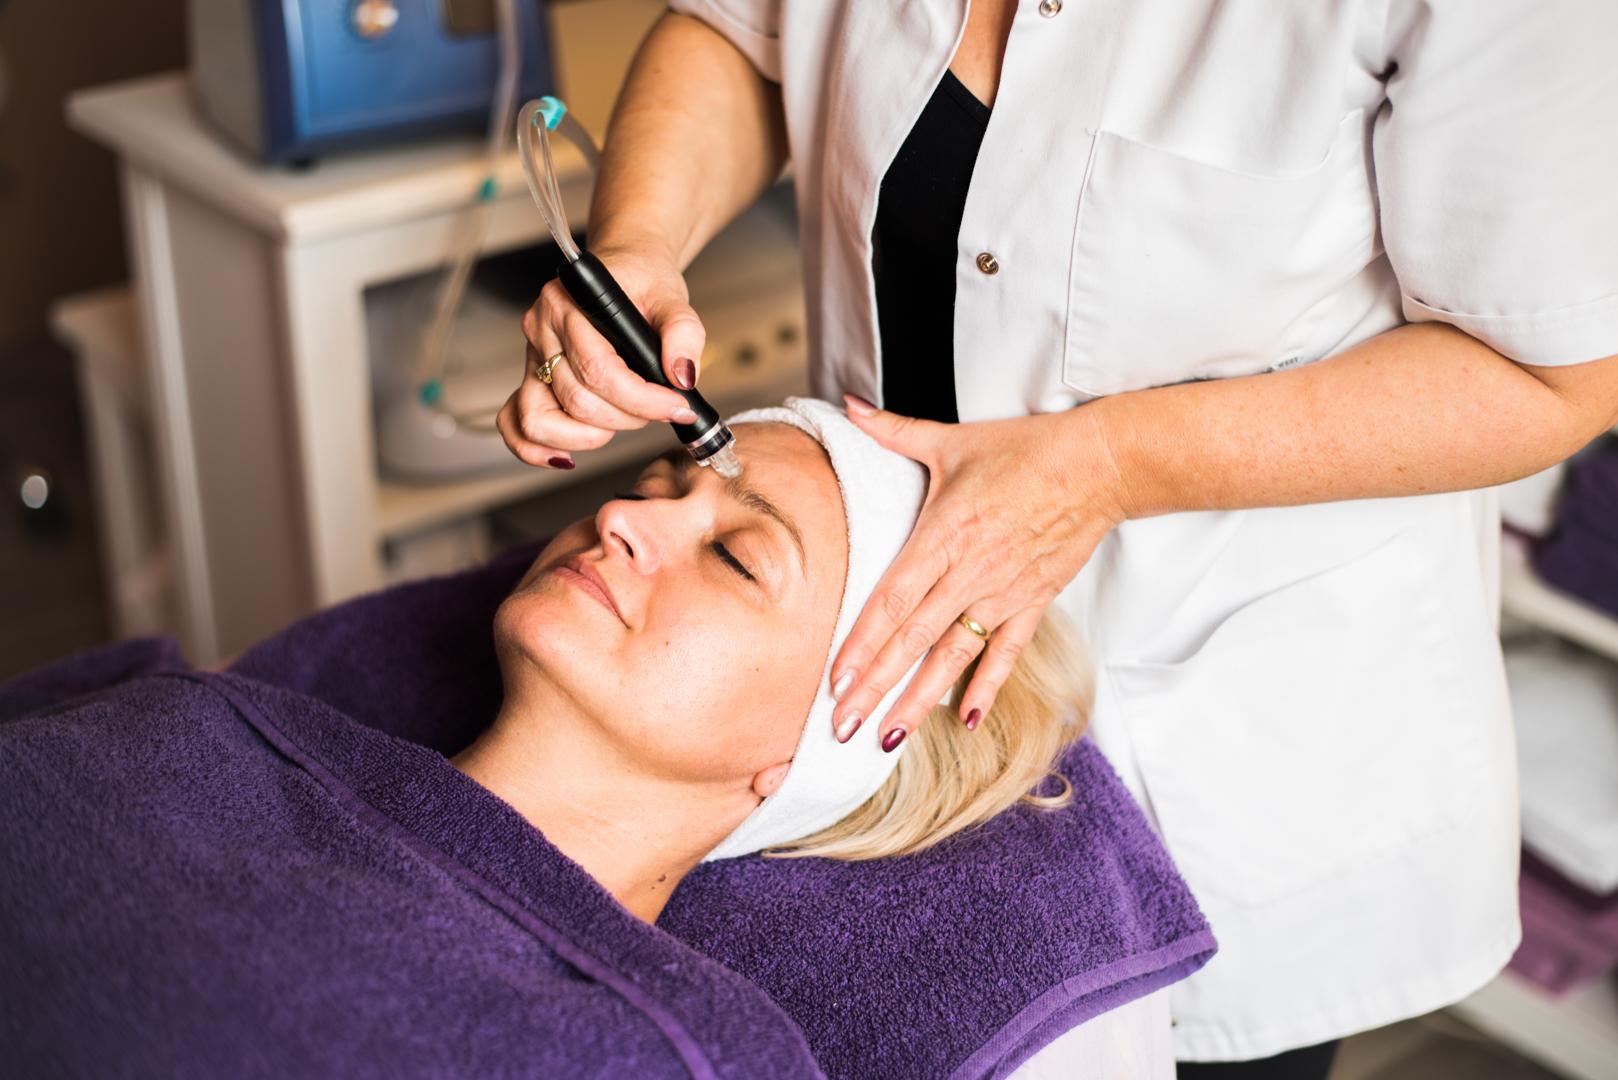 Kosmetická ošetření kvalitními přípravky a moderními přístroji